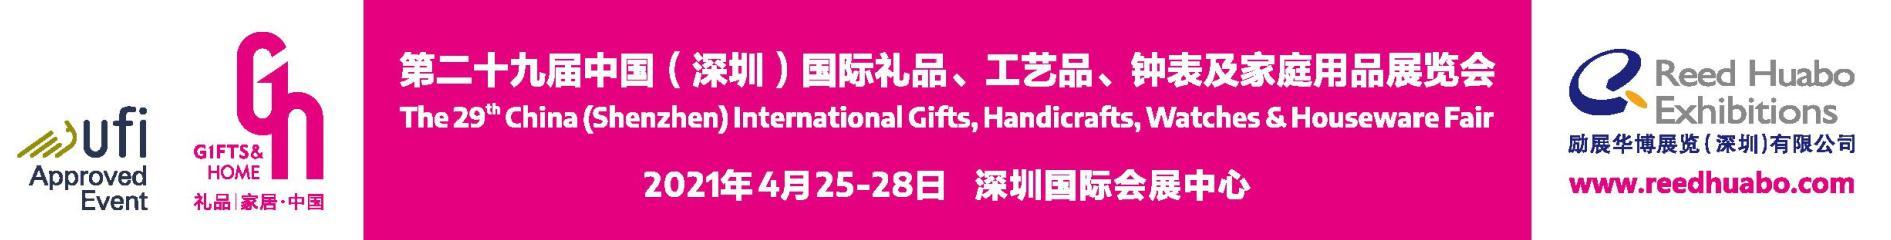 第二十九届中国(深圳)国际礼品、工艺品、钟表及家庭用品展览会暨移动电子展_深圳礼品展